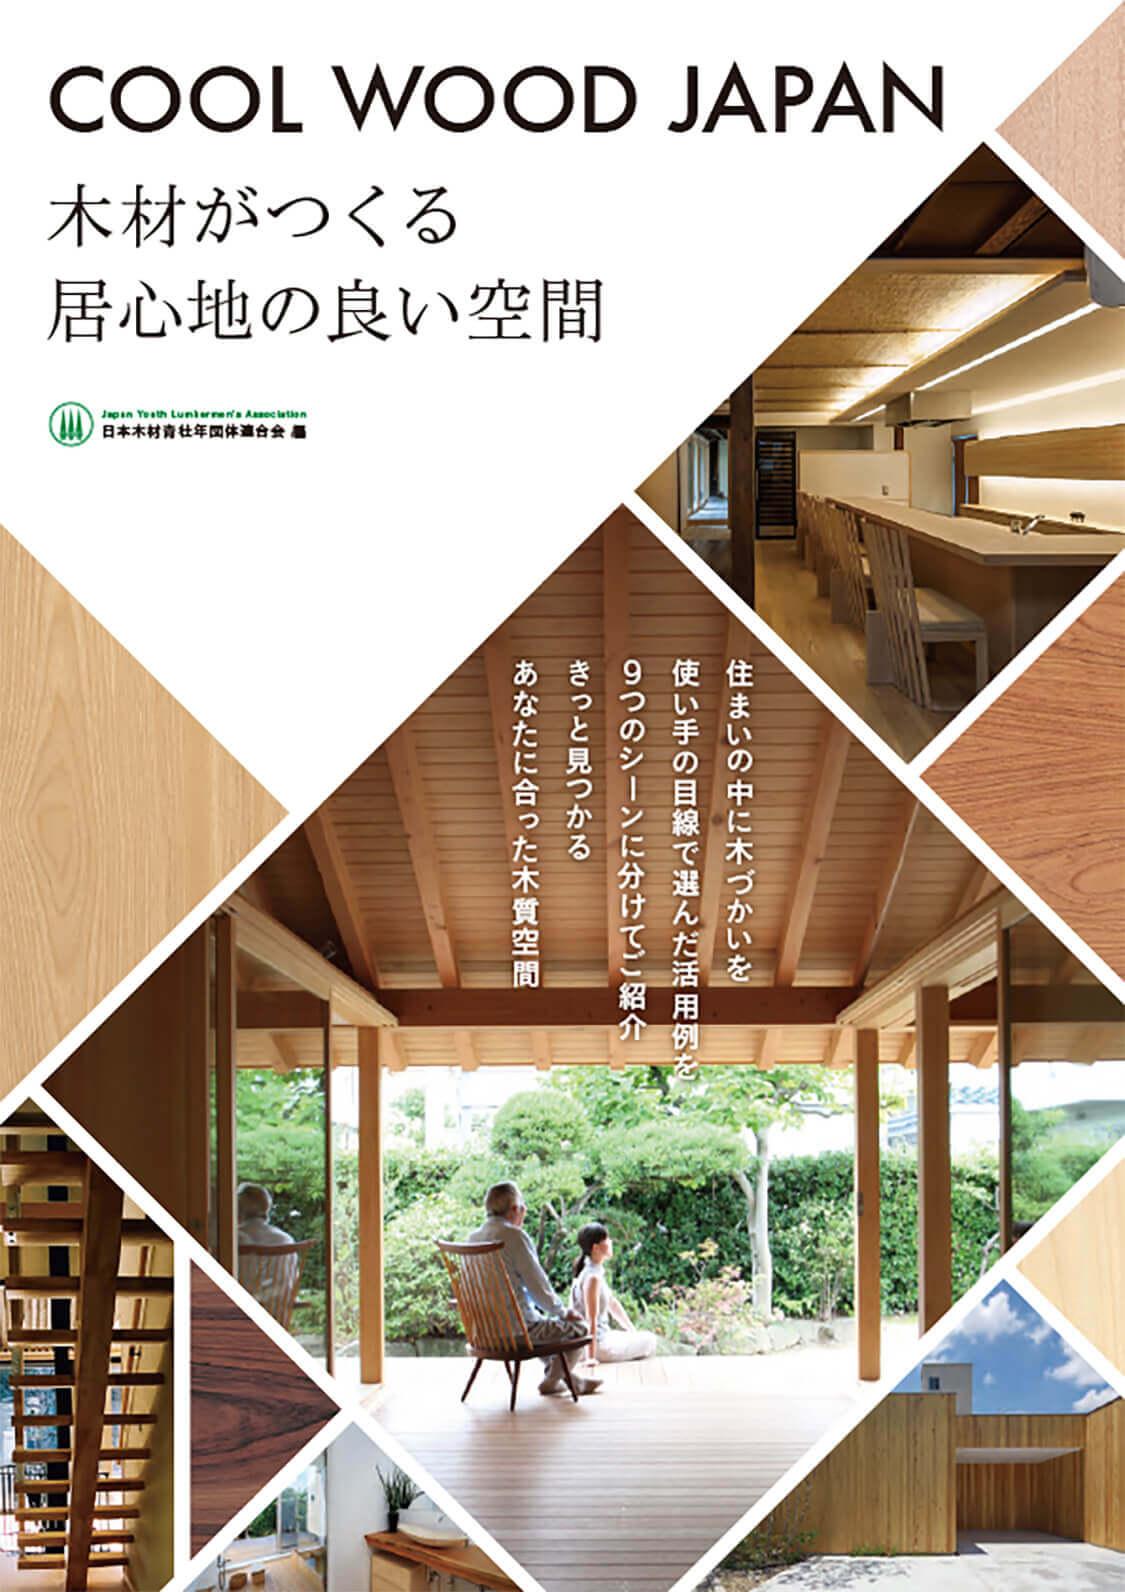 LeafMOOK 【書籍】COOL WOOD JAPAN 木材がつくる居心地の良い空間